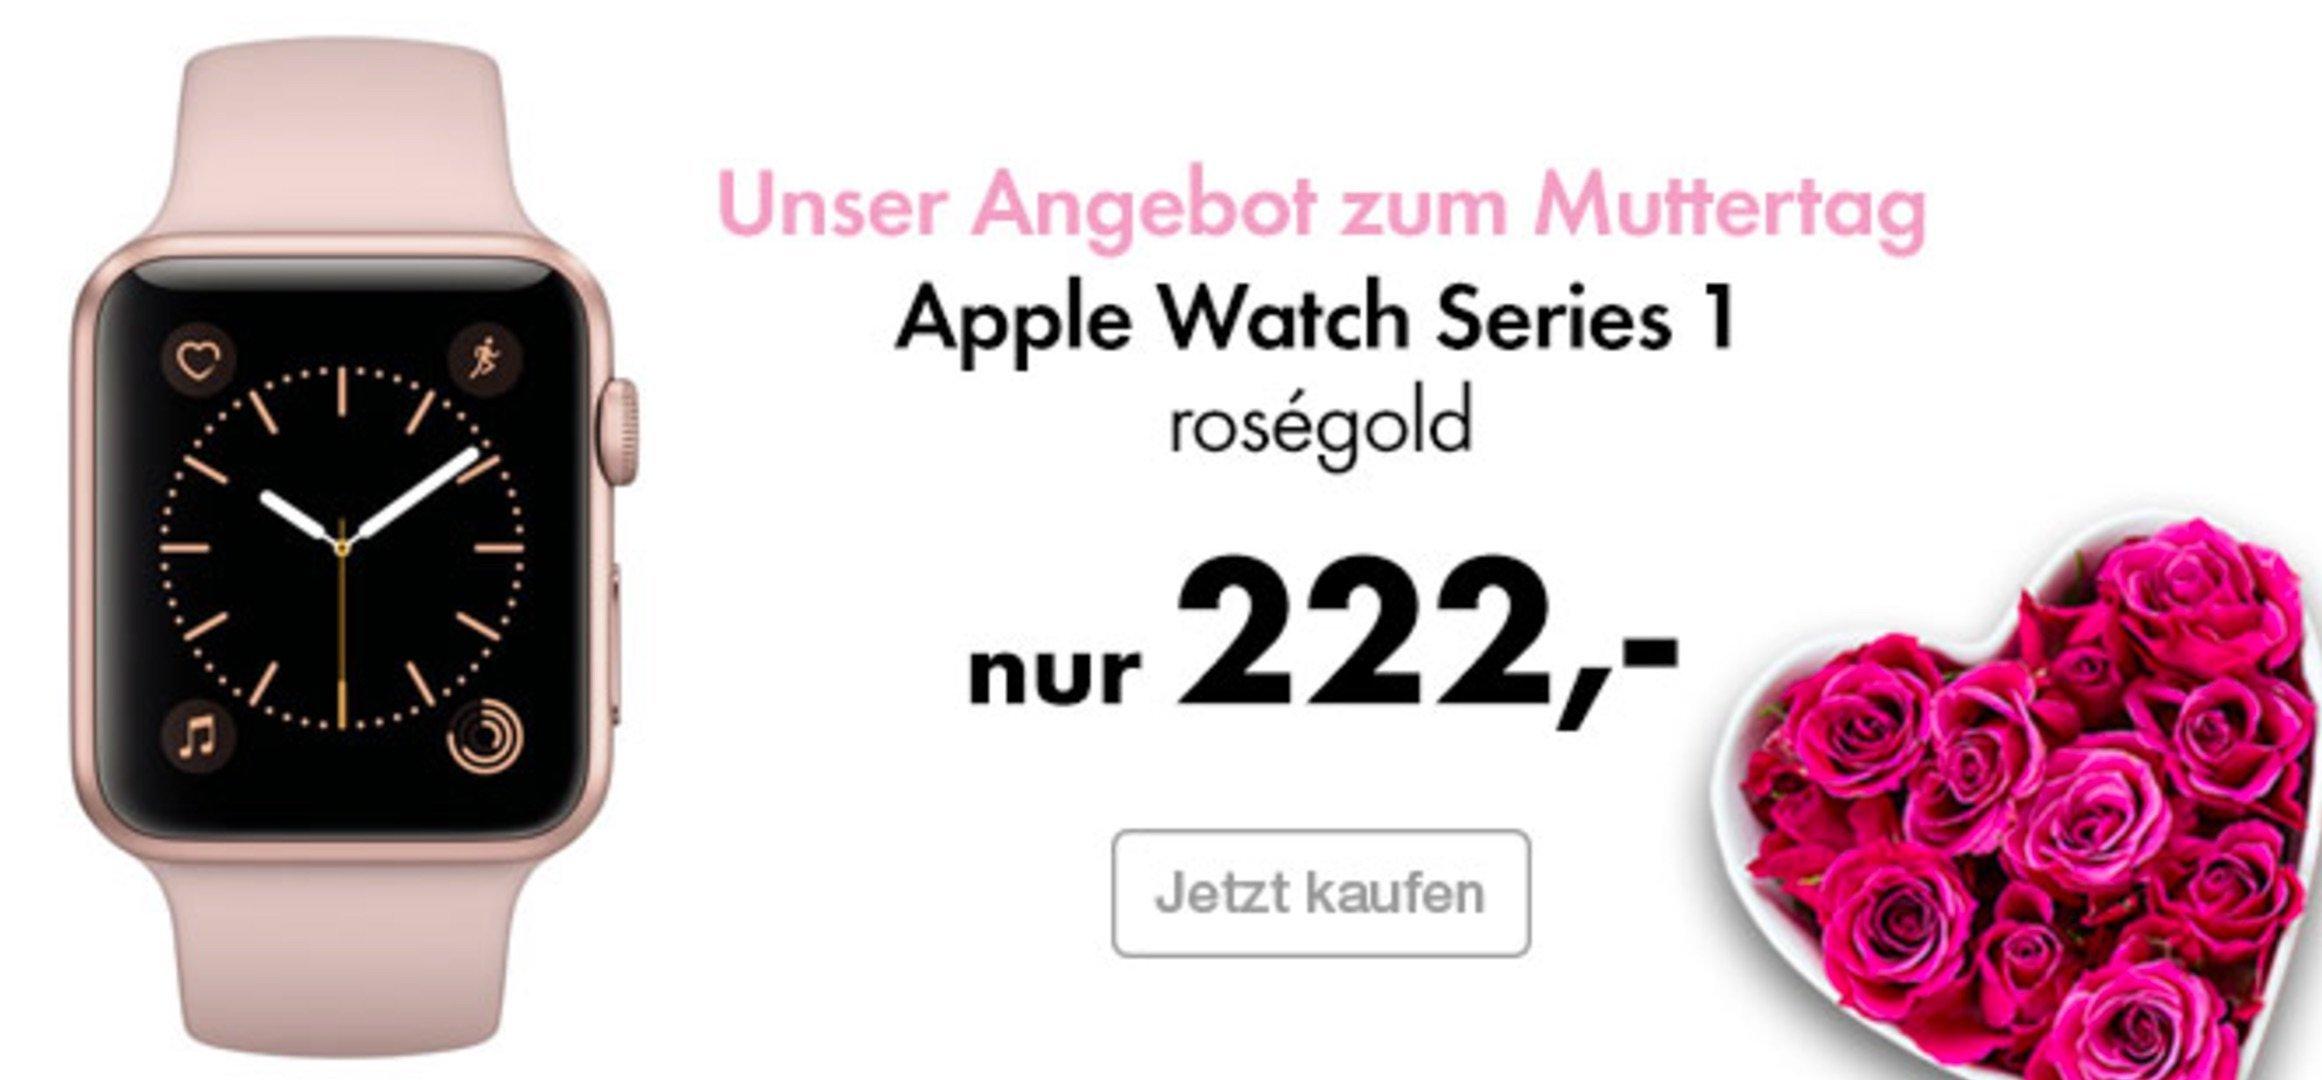 Apple Watch nur 222 Euro (100 Euro billiger) 2